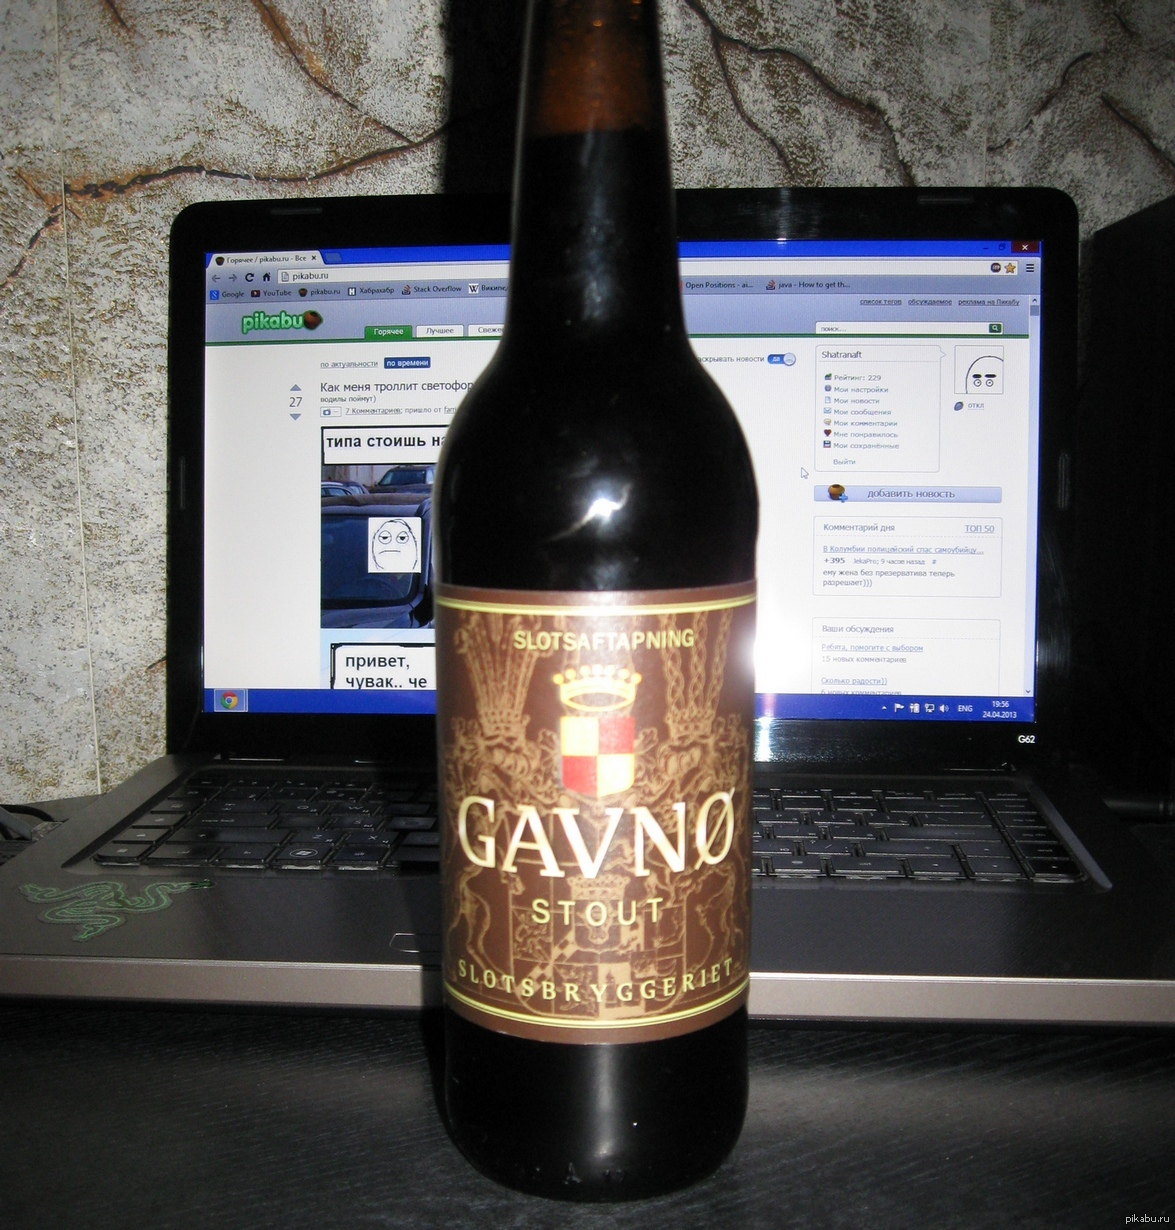 Фото пиво с говном 1 фотография